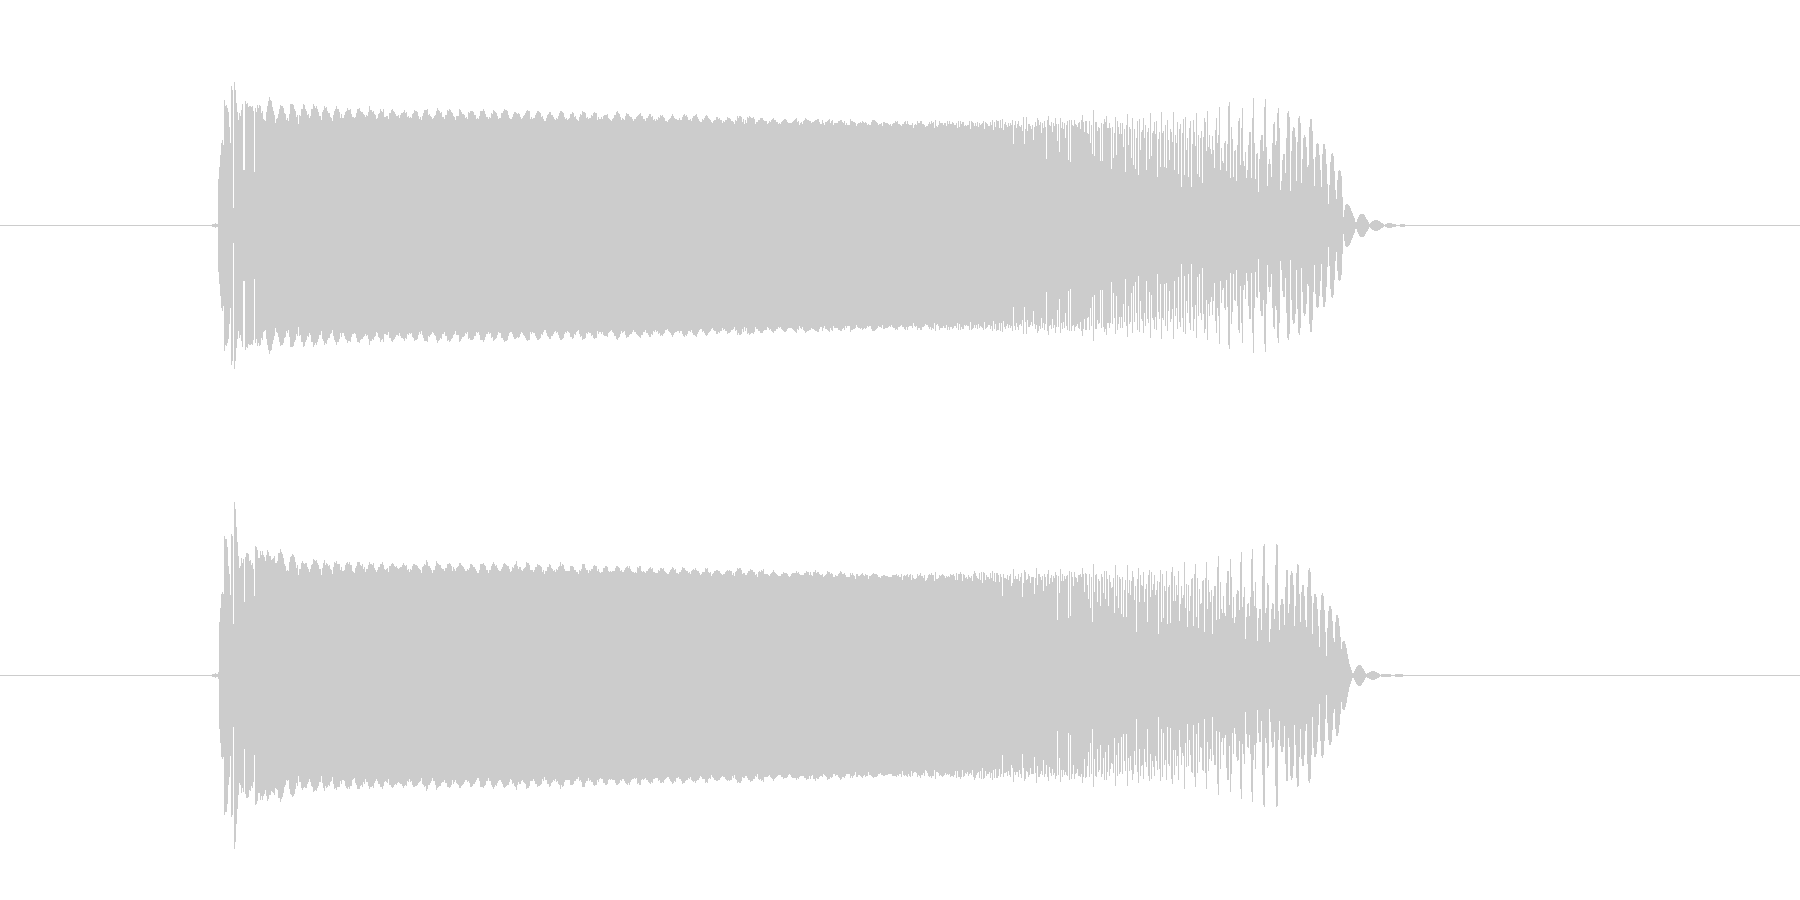 チューーーン!SF系電子音の未再生の波形